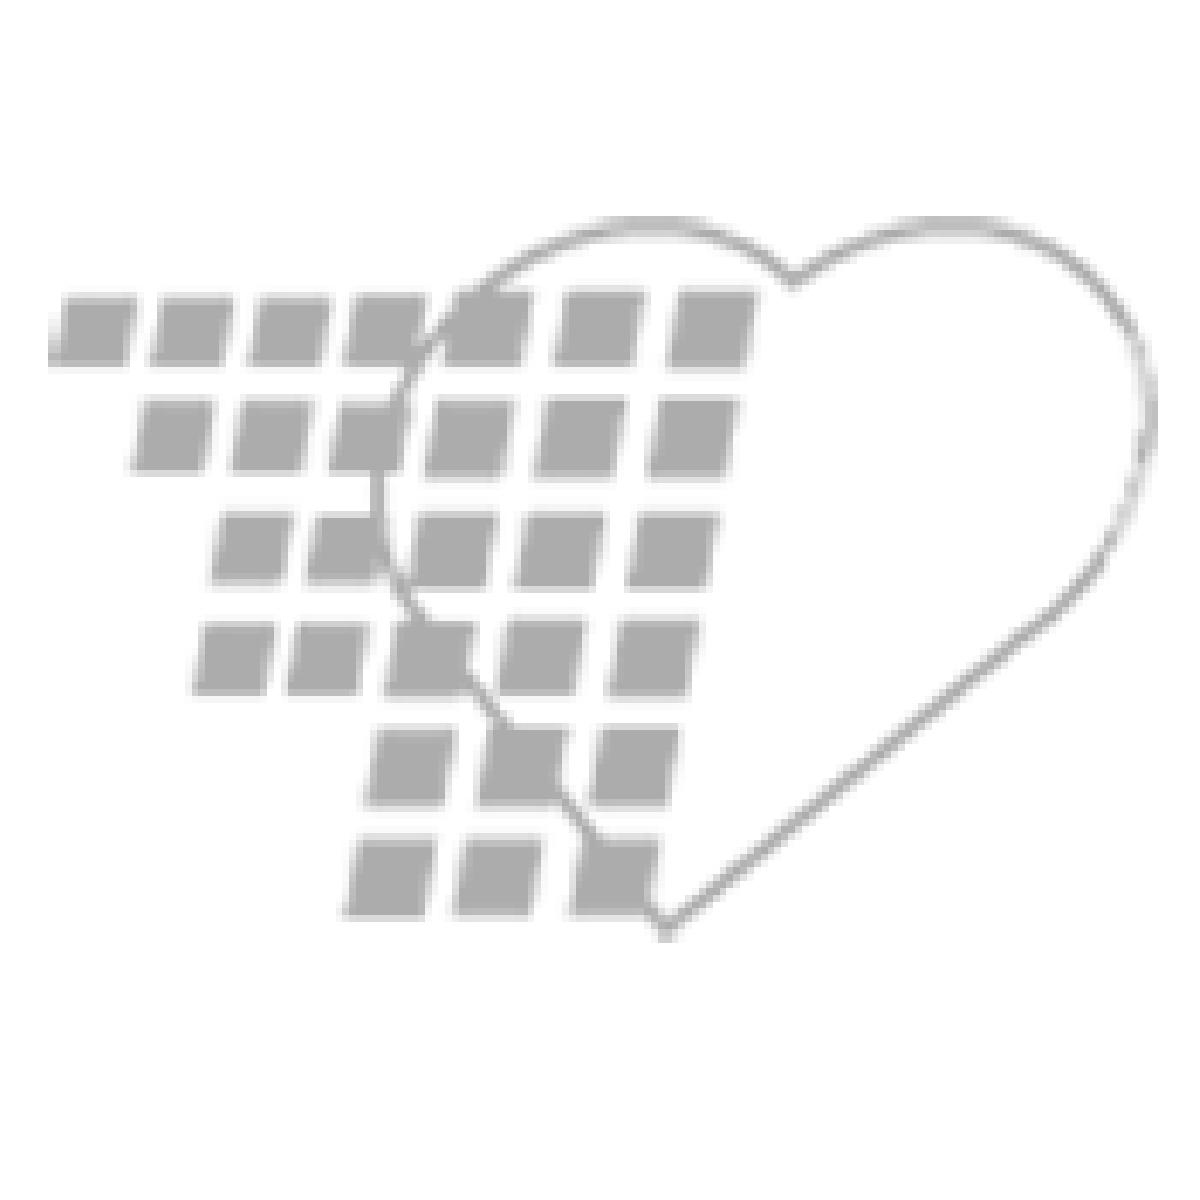 06-93-1805 - Demo Dose® Simbase Lotion 500 gm